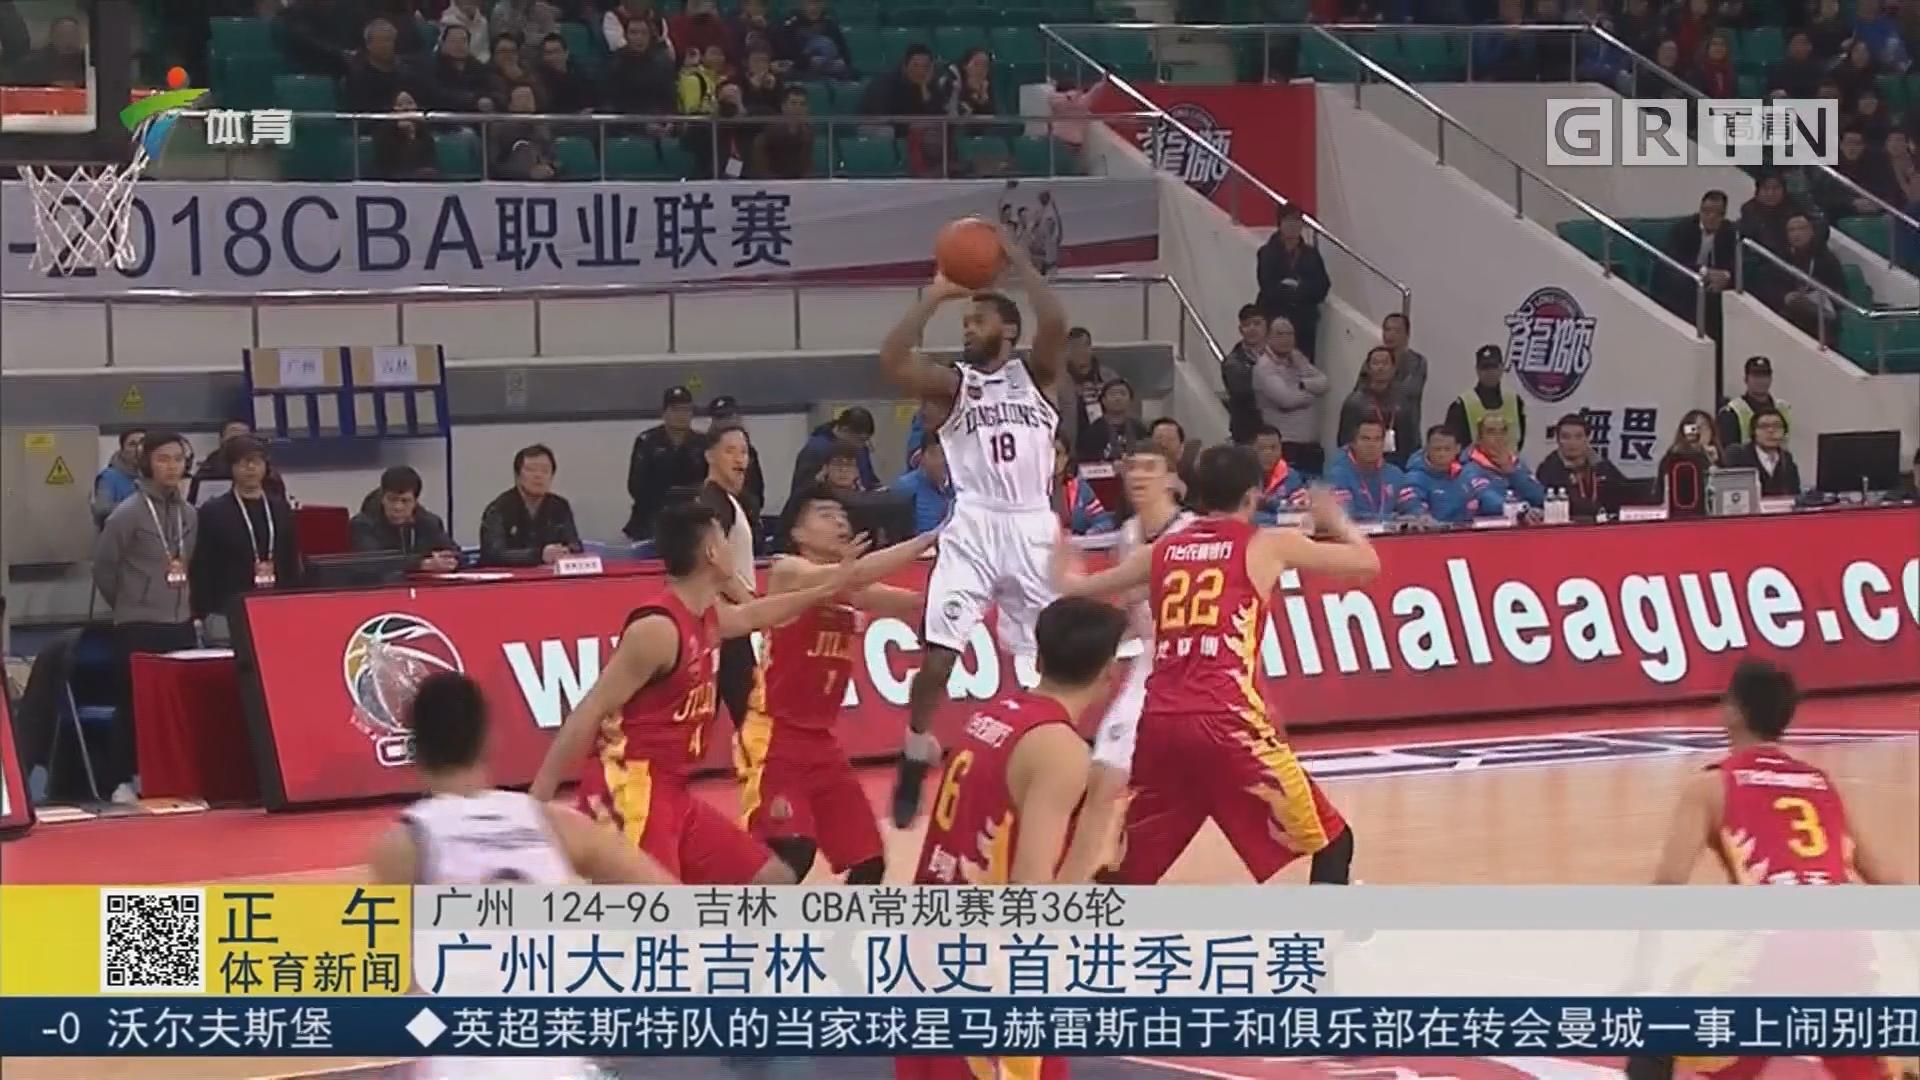 广州大胜吉林 队史首进季后赛